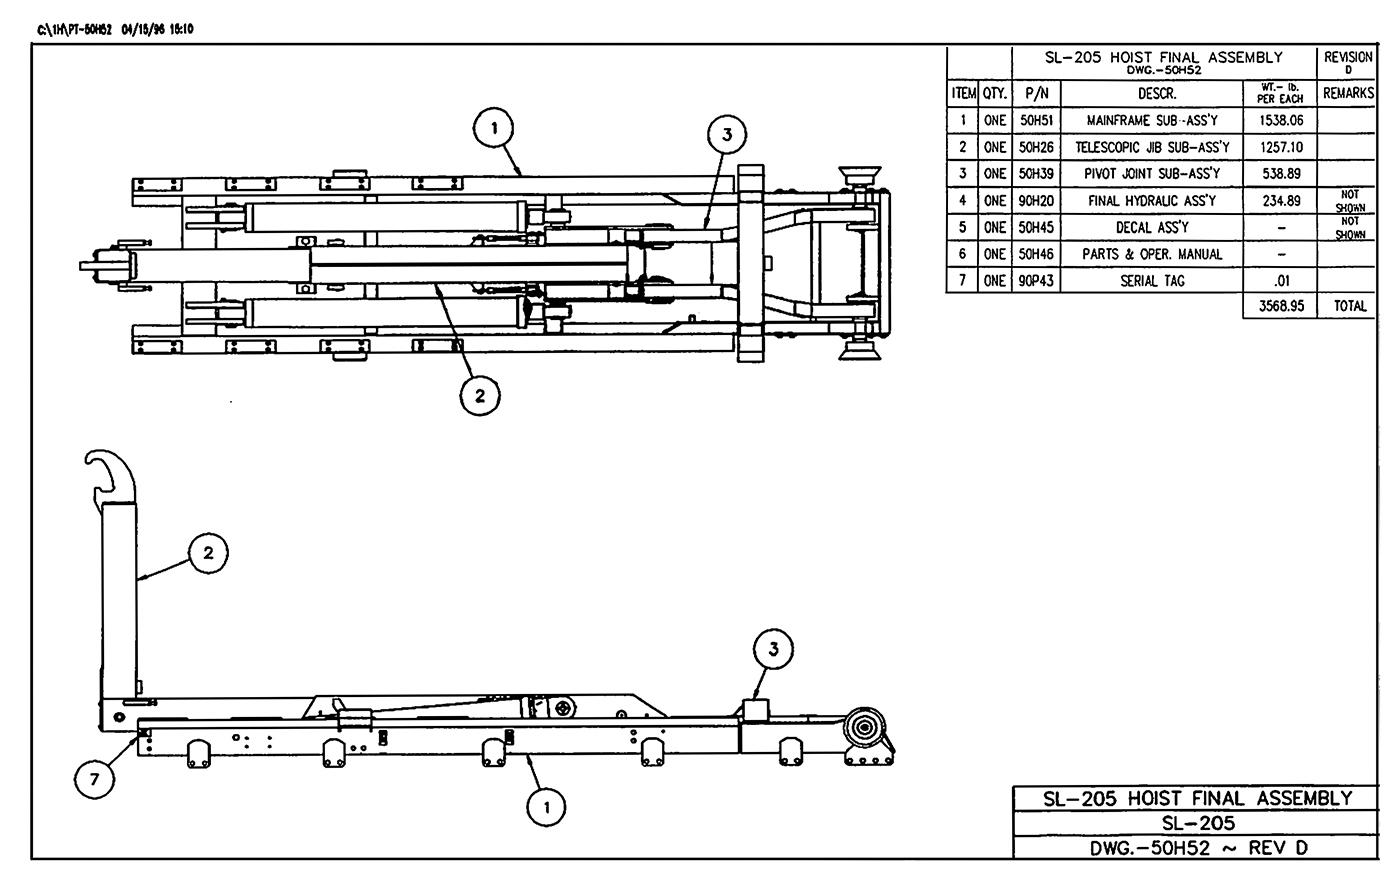 ITEParts com: Intercon Truck Equipment Online Store